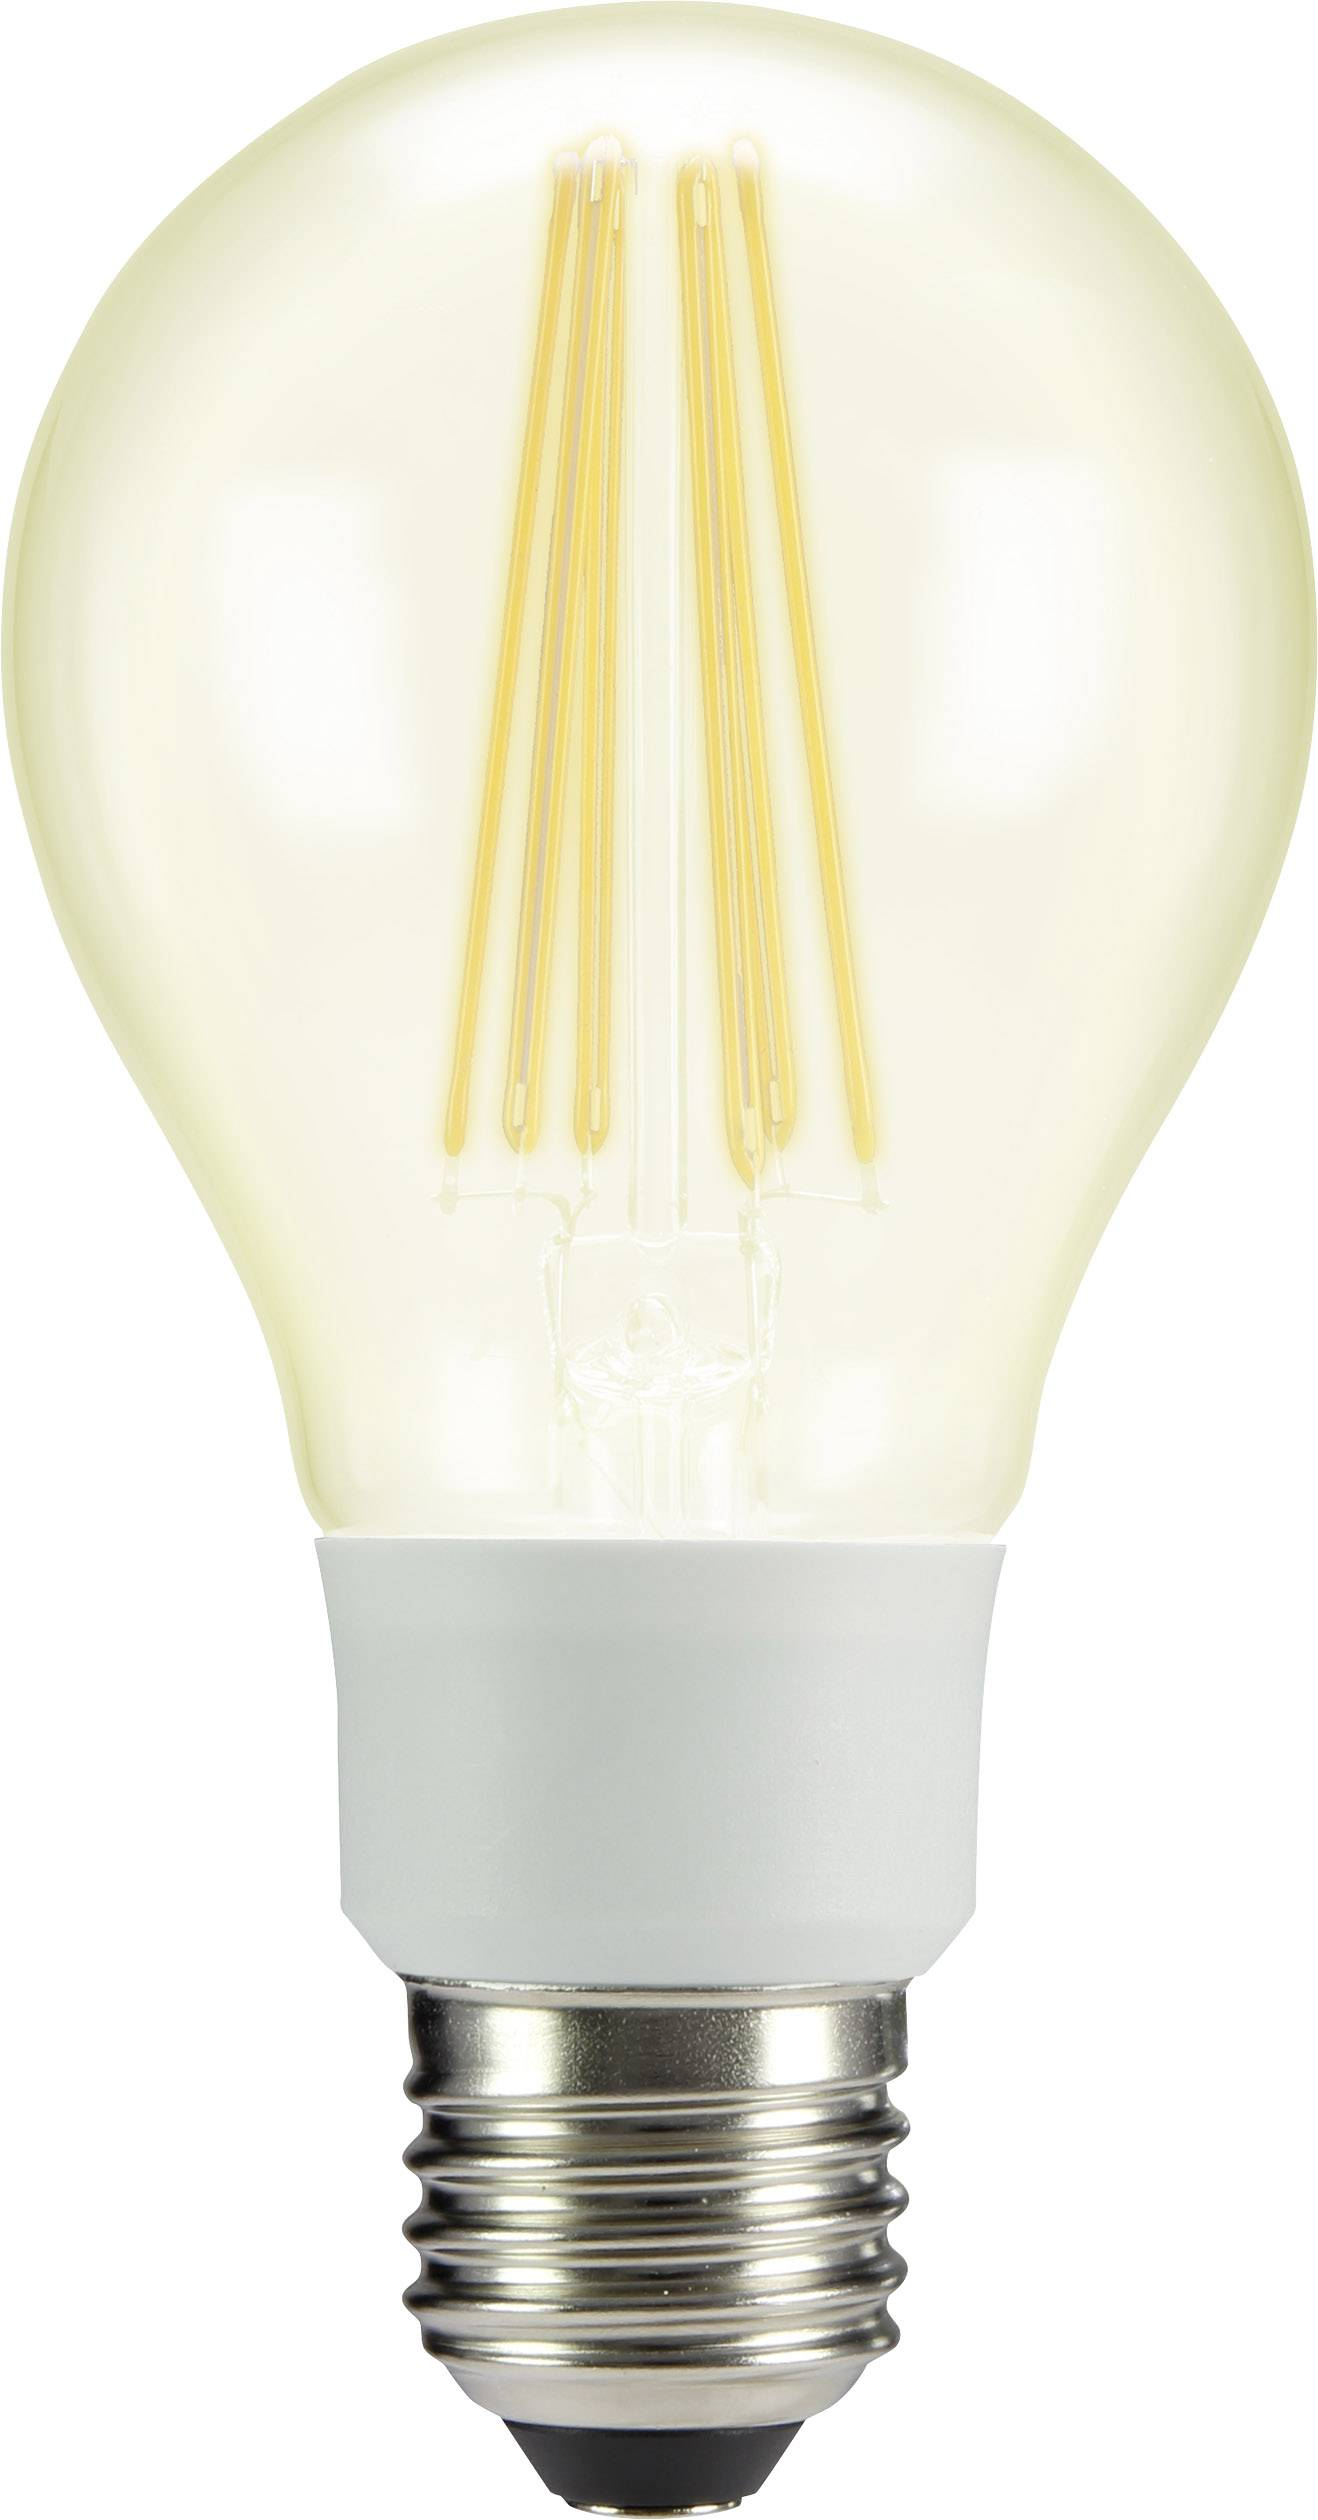 LED žárovka Sygonix STA6103clear 230 V, E27, 12 W = 100 W, teplá bílá, A++ (A++ - E), vlákno, 1 ks